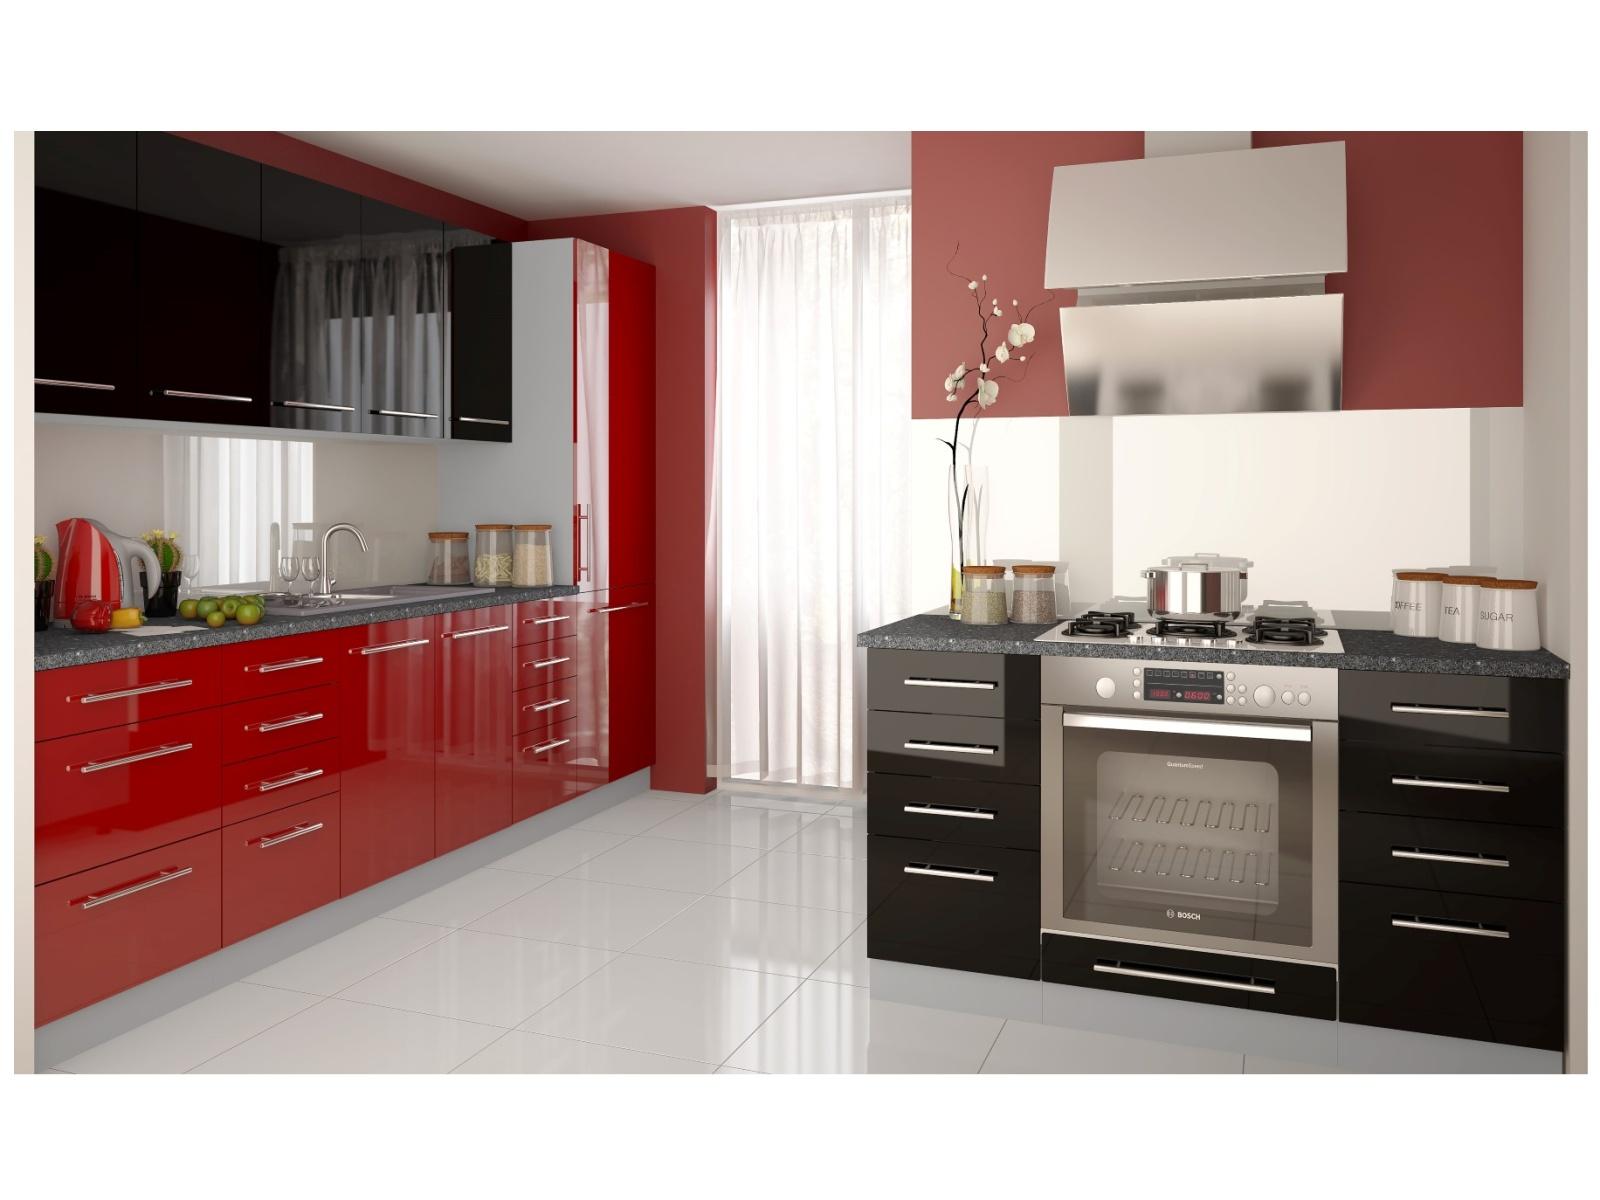 Kuchyně PLATINUM 270/410 cm, korpus grey, rose red + black